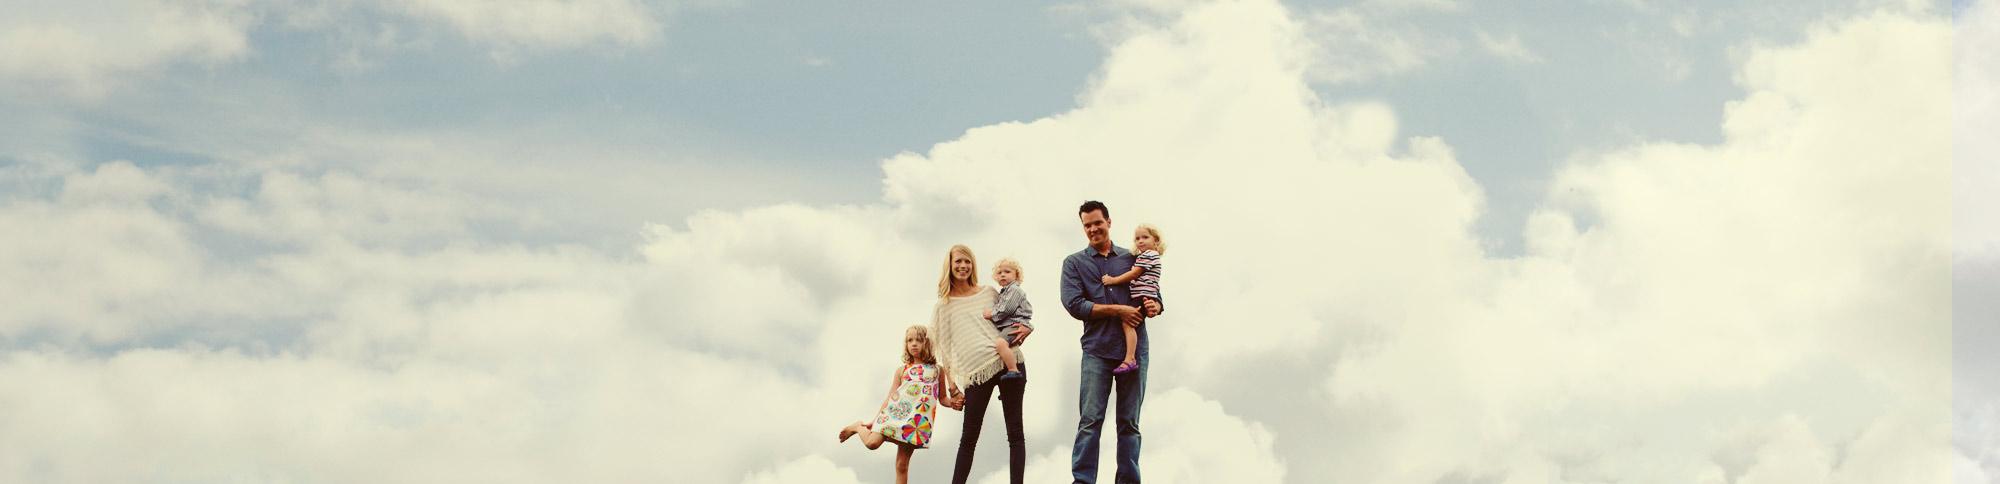 Family // Fun